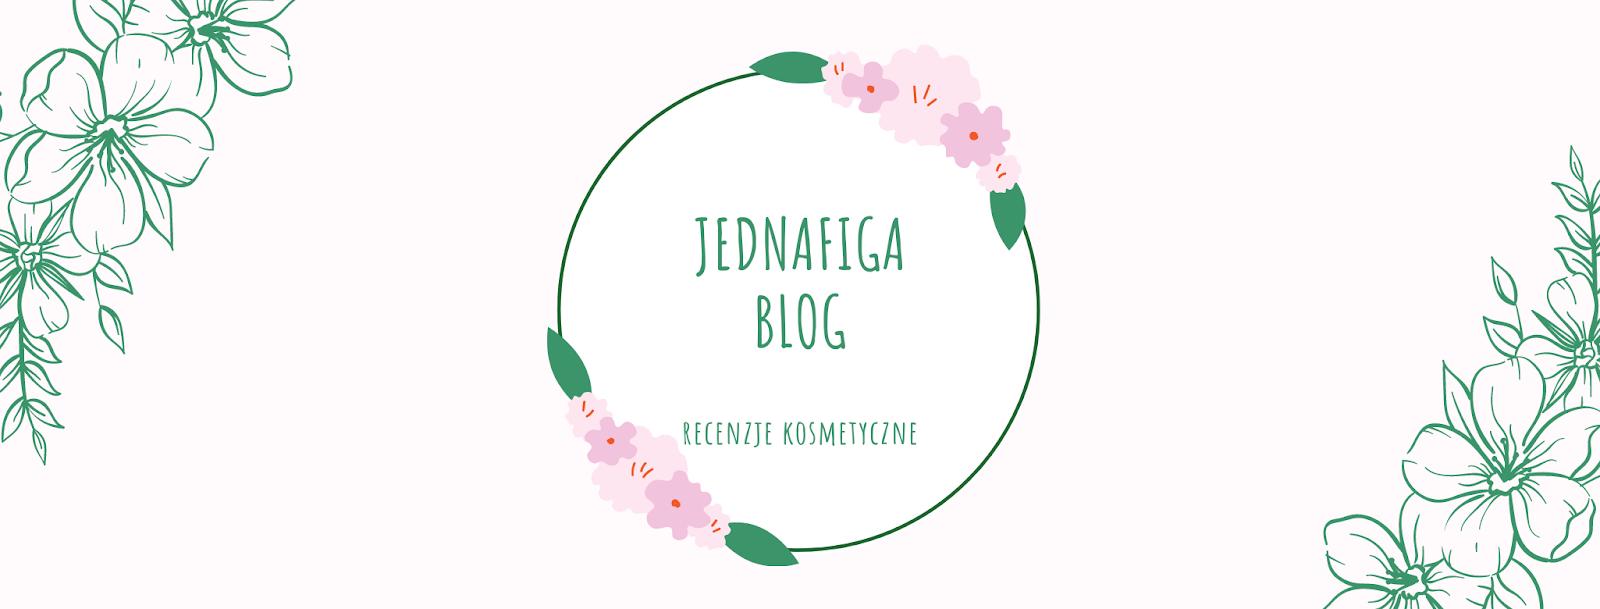 Jednafiga Blog